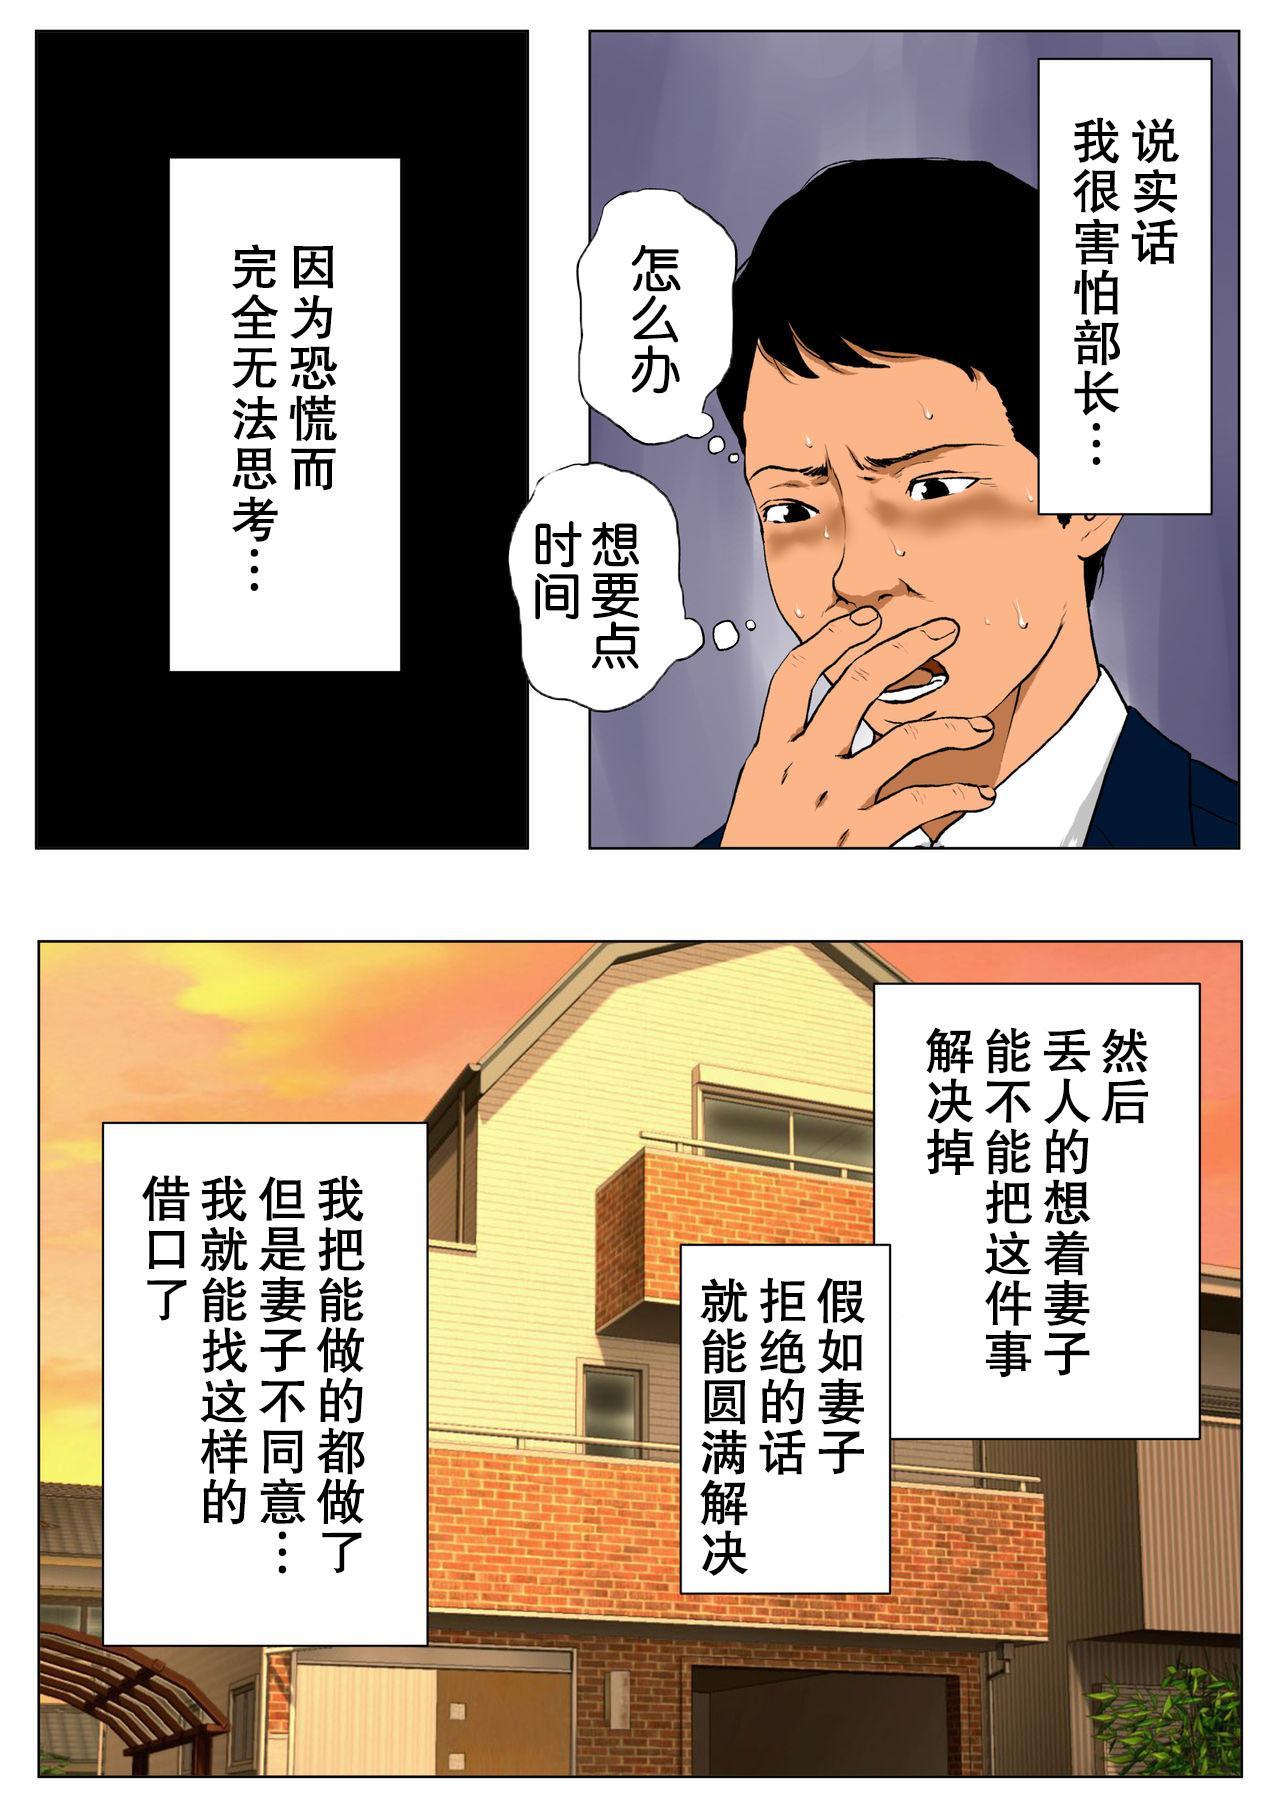 [W no Honnou] Shin, Boku no Tsuma to Kyokon no Moto AV Danyuu Buchou[Chinese]【不可视汉化】 12